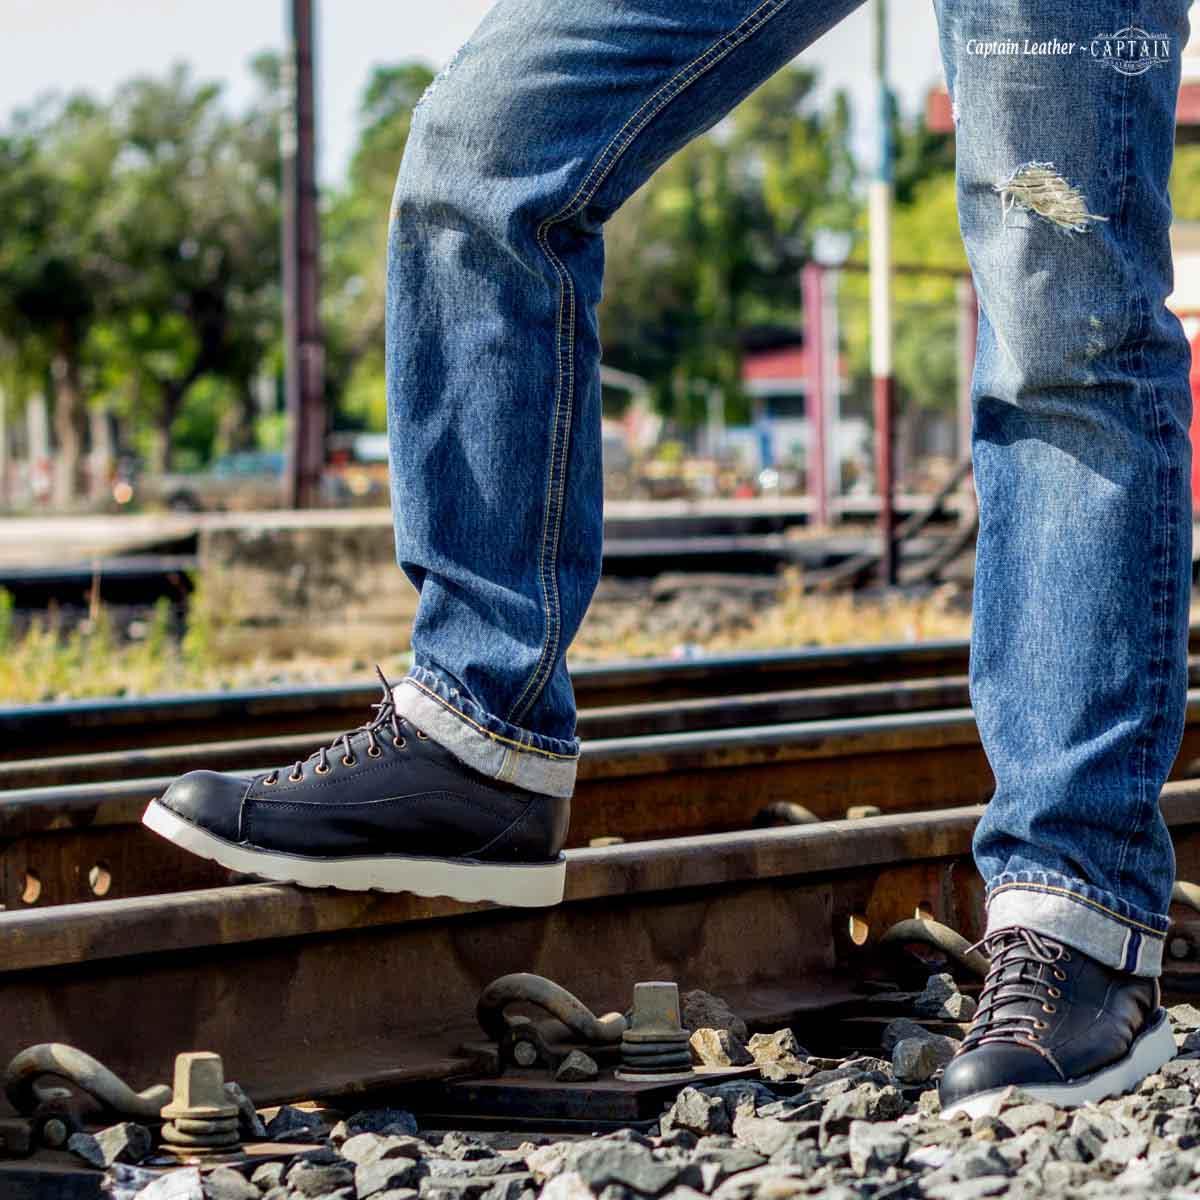 รองเท้าสนีกเกอร์หนัง รองเท้าหนัง Moonlight - สี Black - CAPTAIN LEATHER